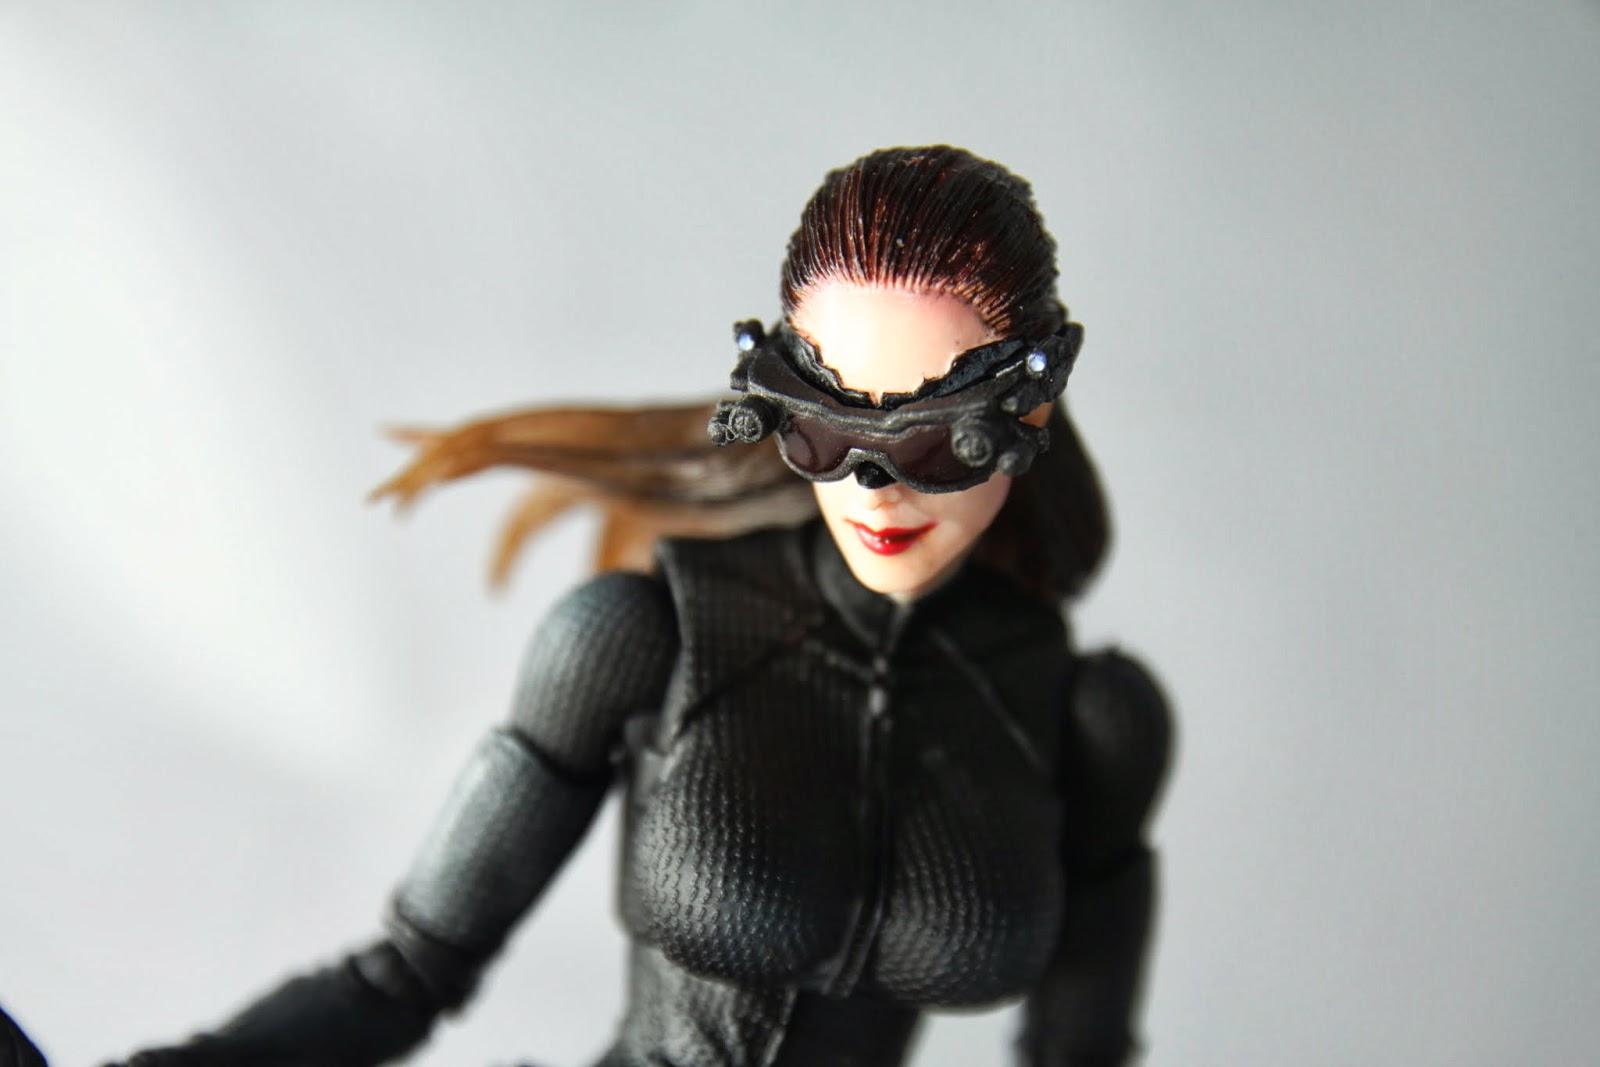 眼罩的造型沒有隨便馬虎 但是頭的可動就很馬虎了! 這系列女角的脖子都沒有關節 而這款脖子角度又偏低 導致很多動作受到阻礙啊喵~